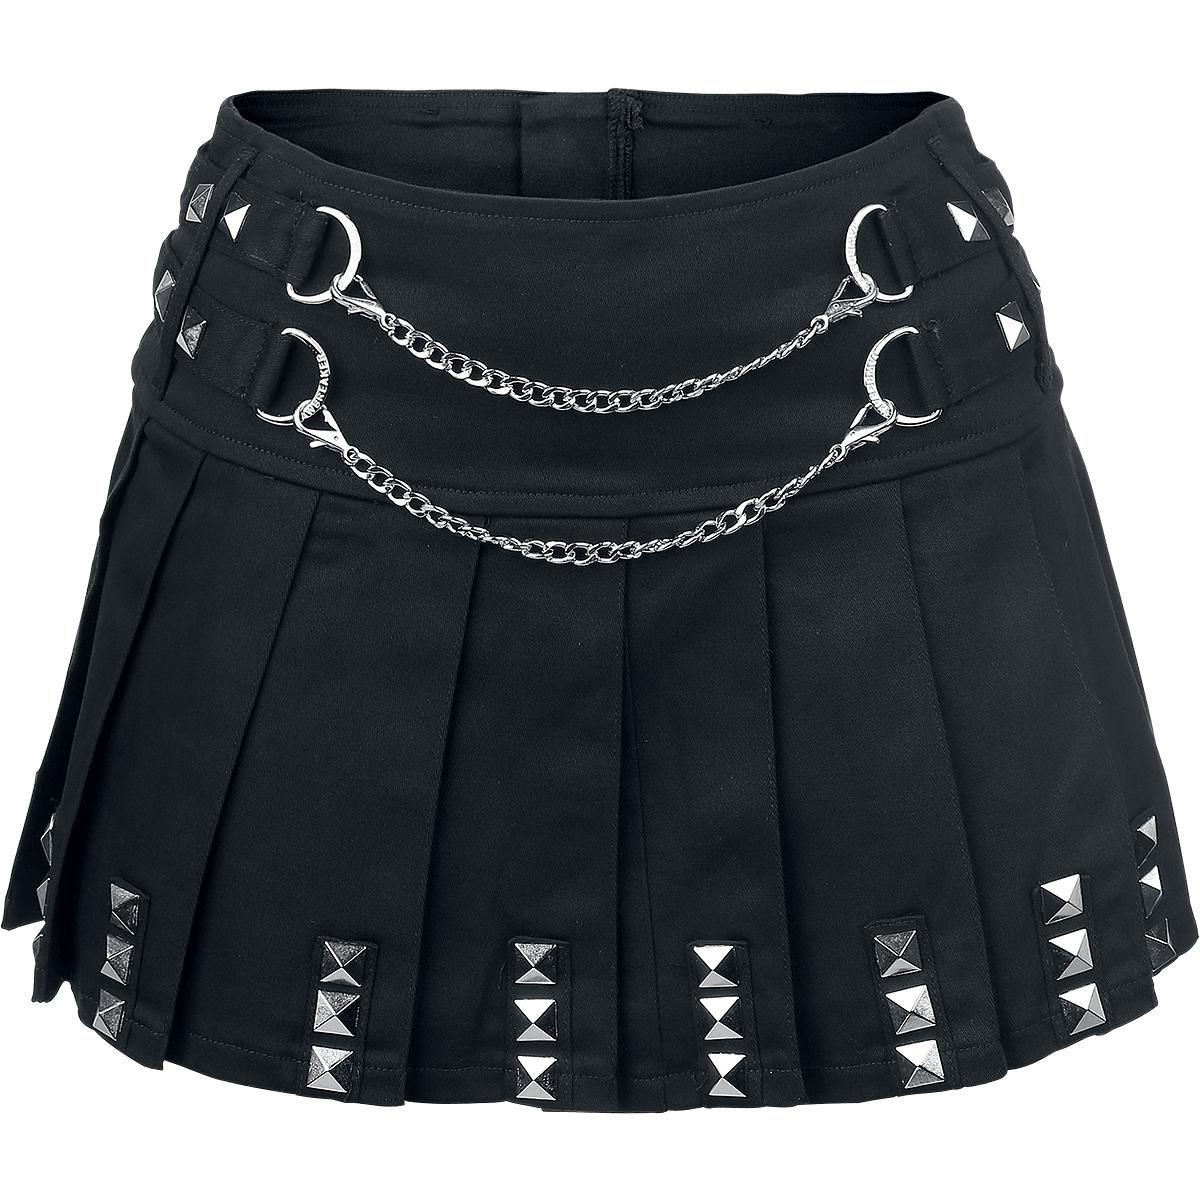 0688567a4c Jawbreaker Short skirt, Women